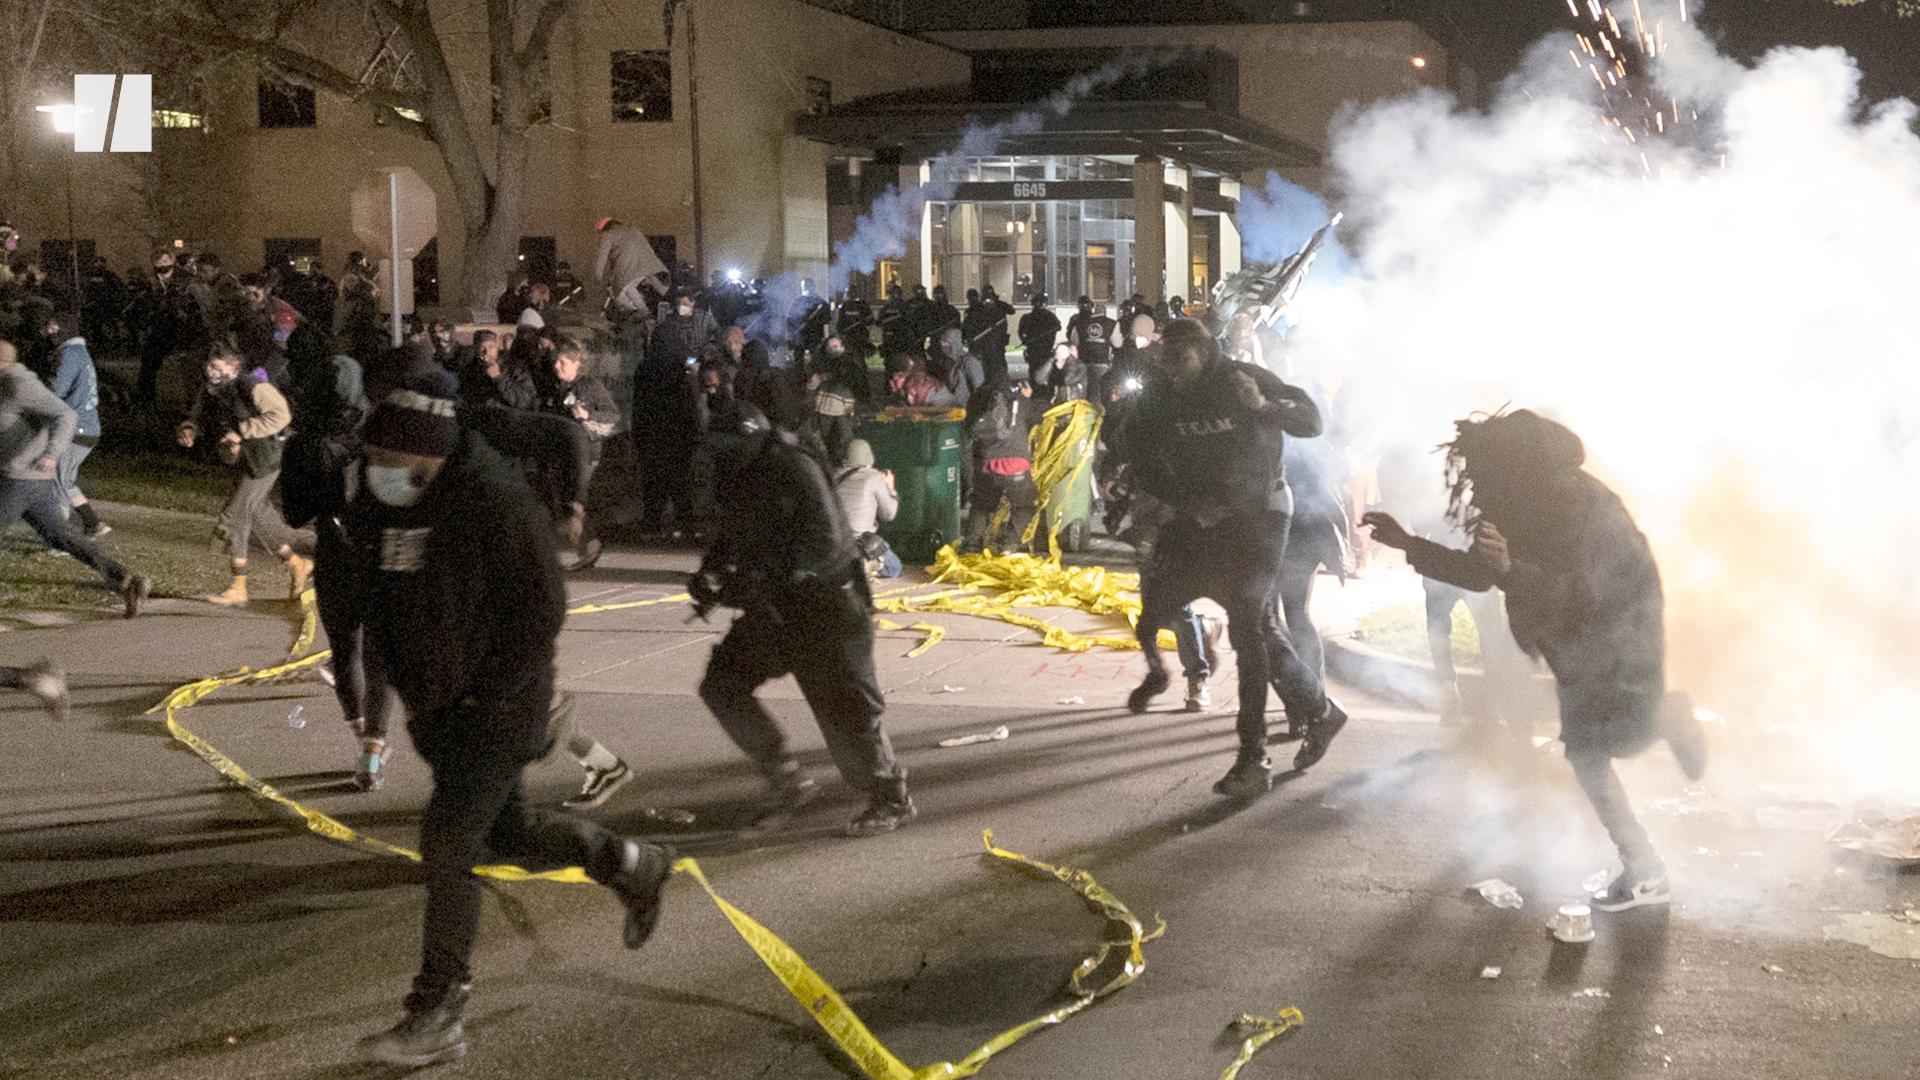 Protests Erupt After Police Kill Motorist